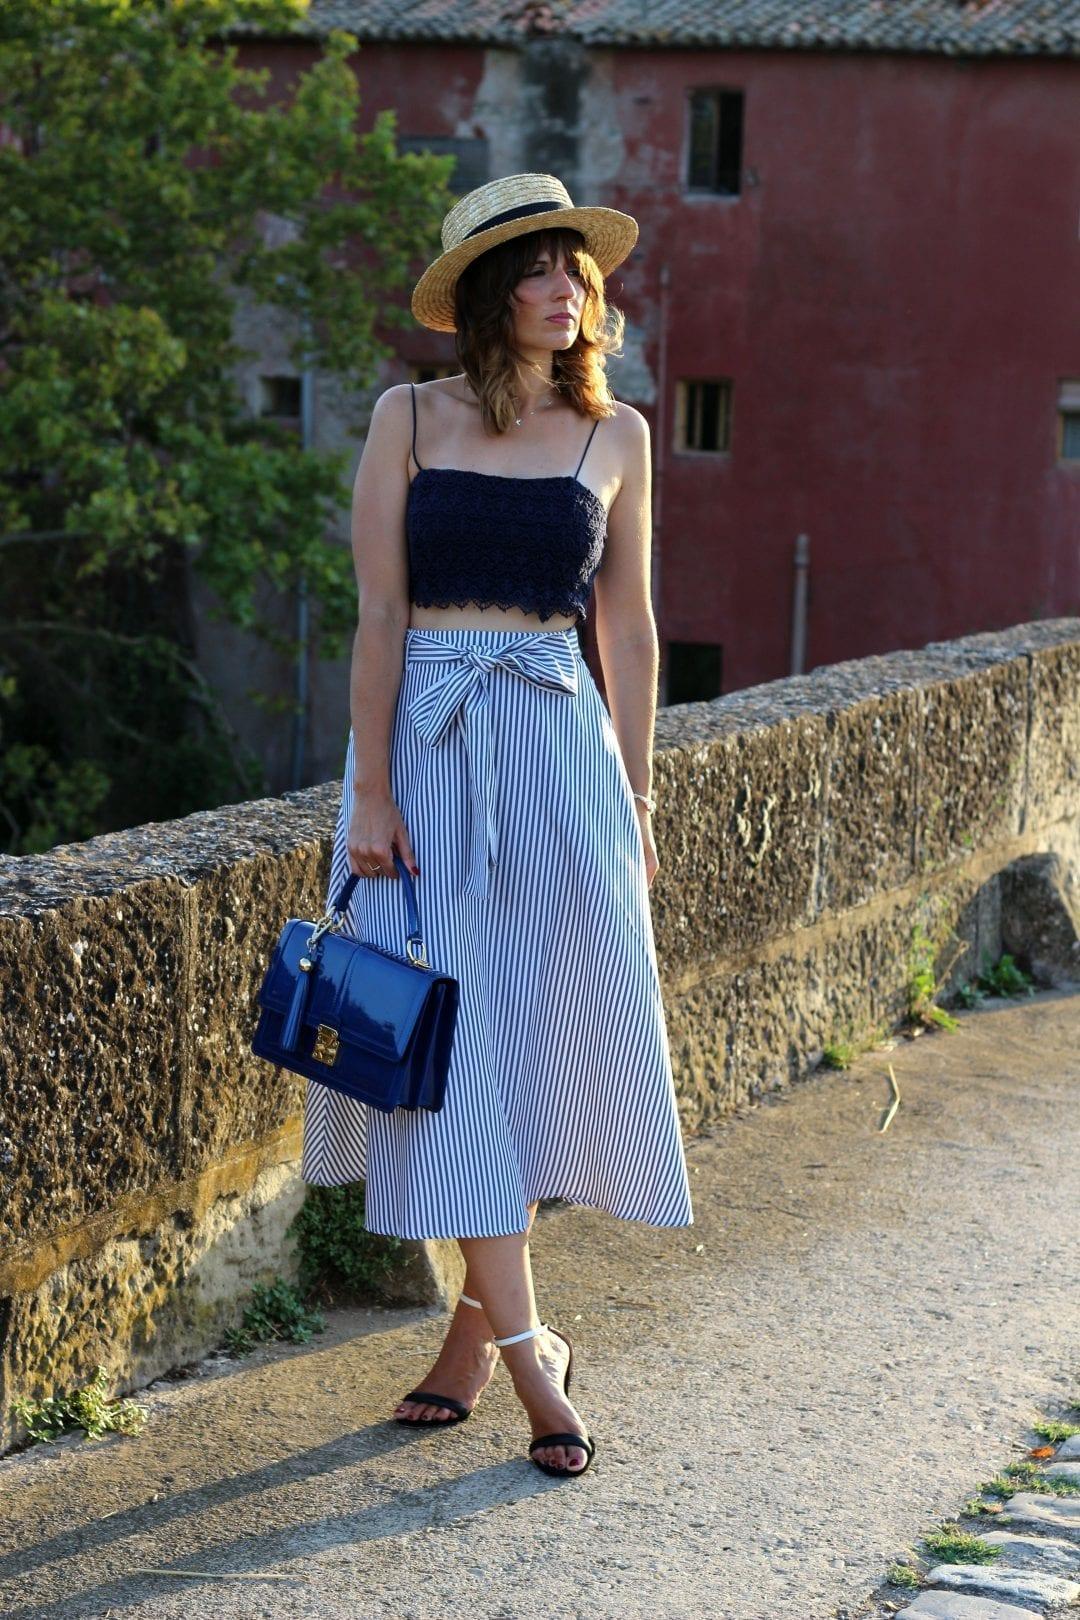 fashion blogger con falda SheinSide - sombrero canotier bolso azul barada bags